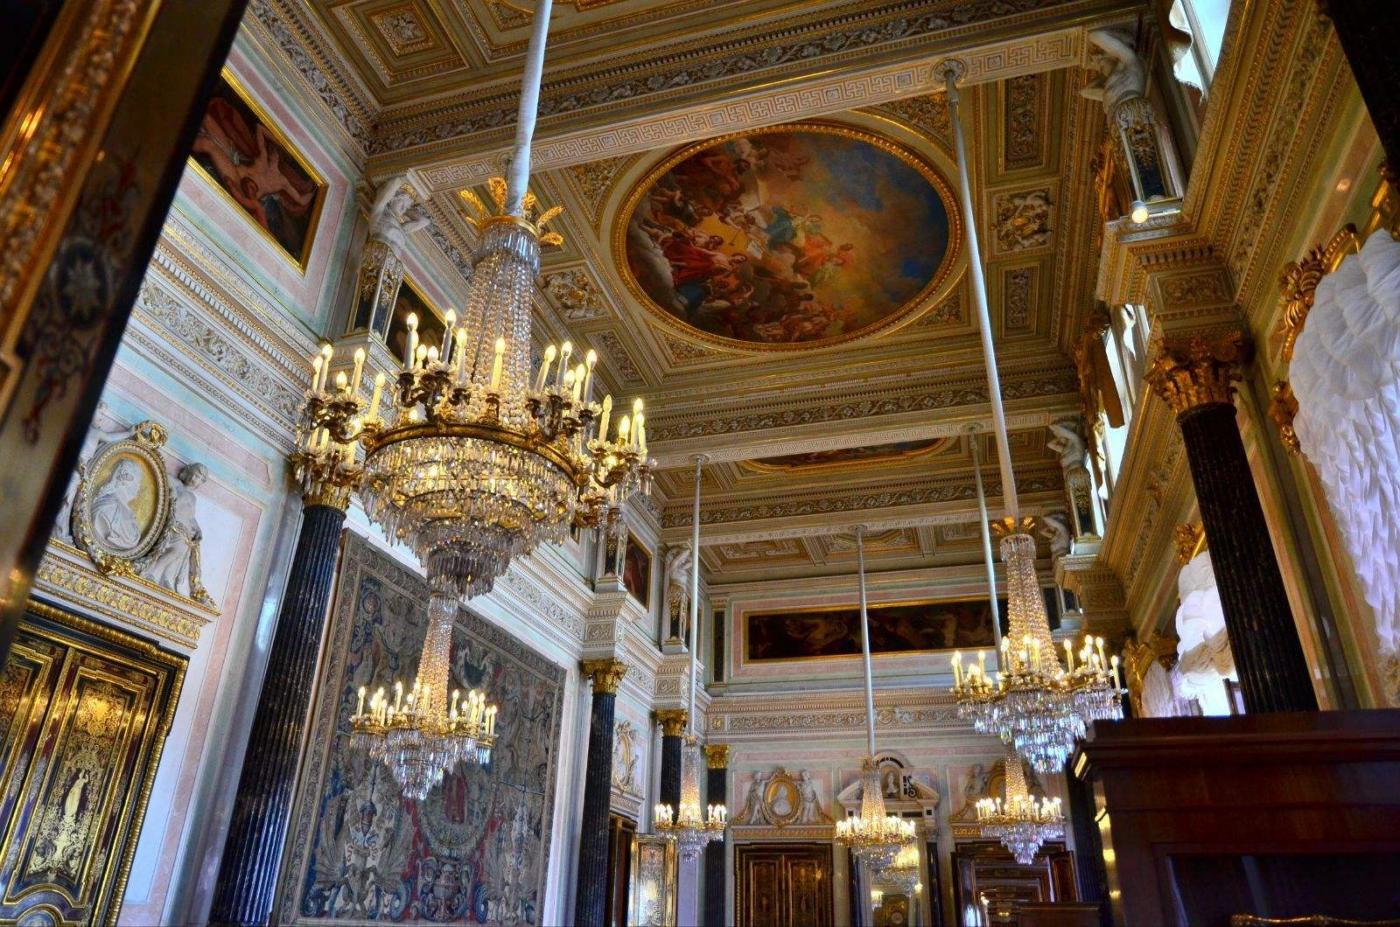 【(三)冬宫--俄罗斯帝国辉煌的宫殿】_图1-11